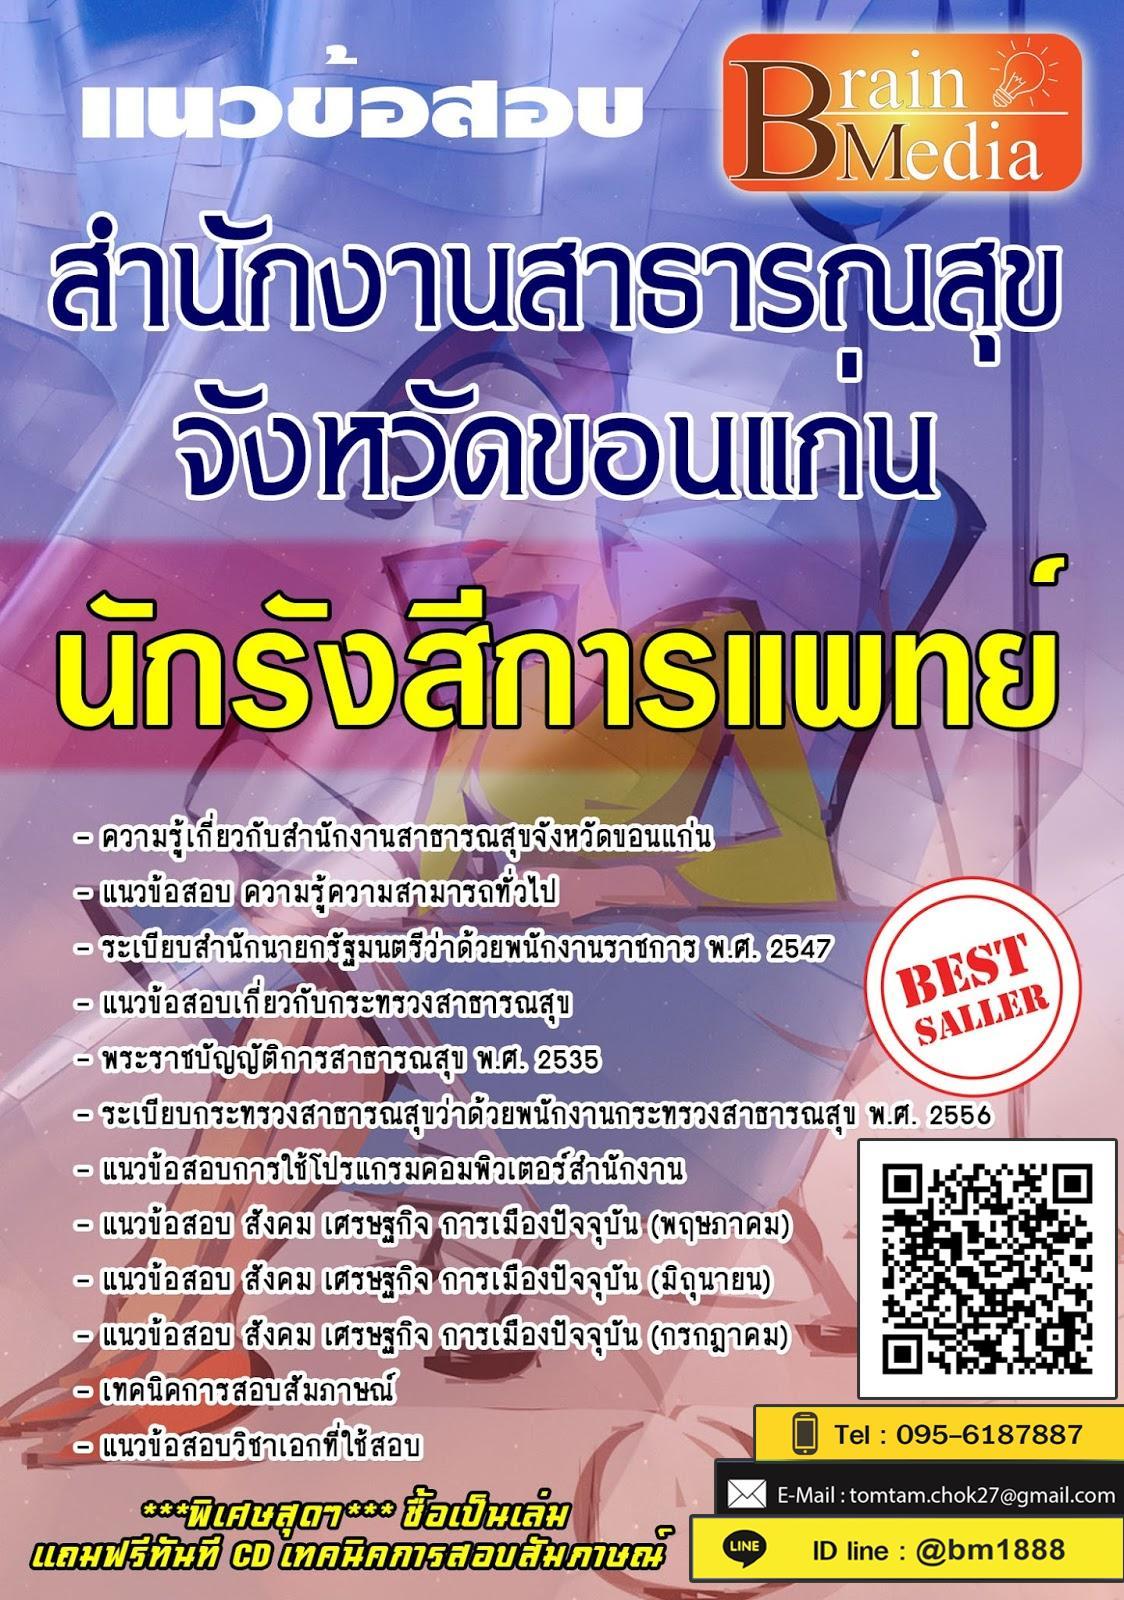 สรุปแนวข้อสอบ(พร้อมเฉลย) นักรังสีการแพทย์ สำนักงานสาธารณสุขจังหวัดขอนแก่น